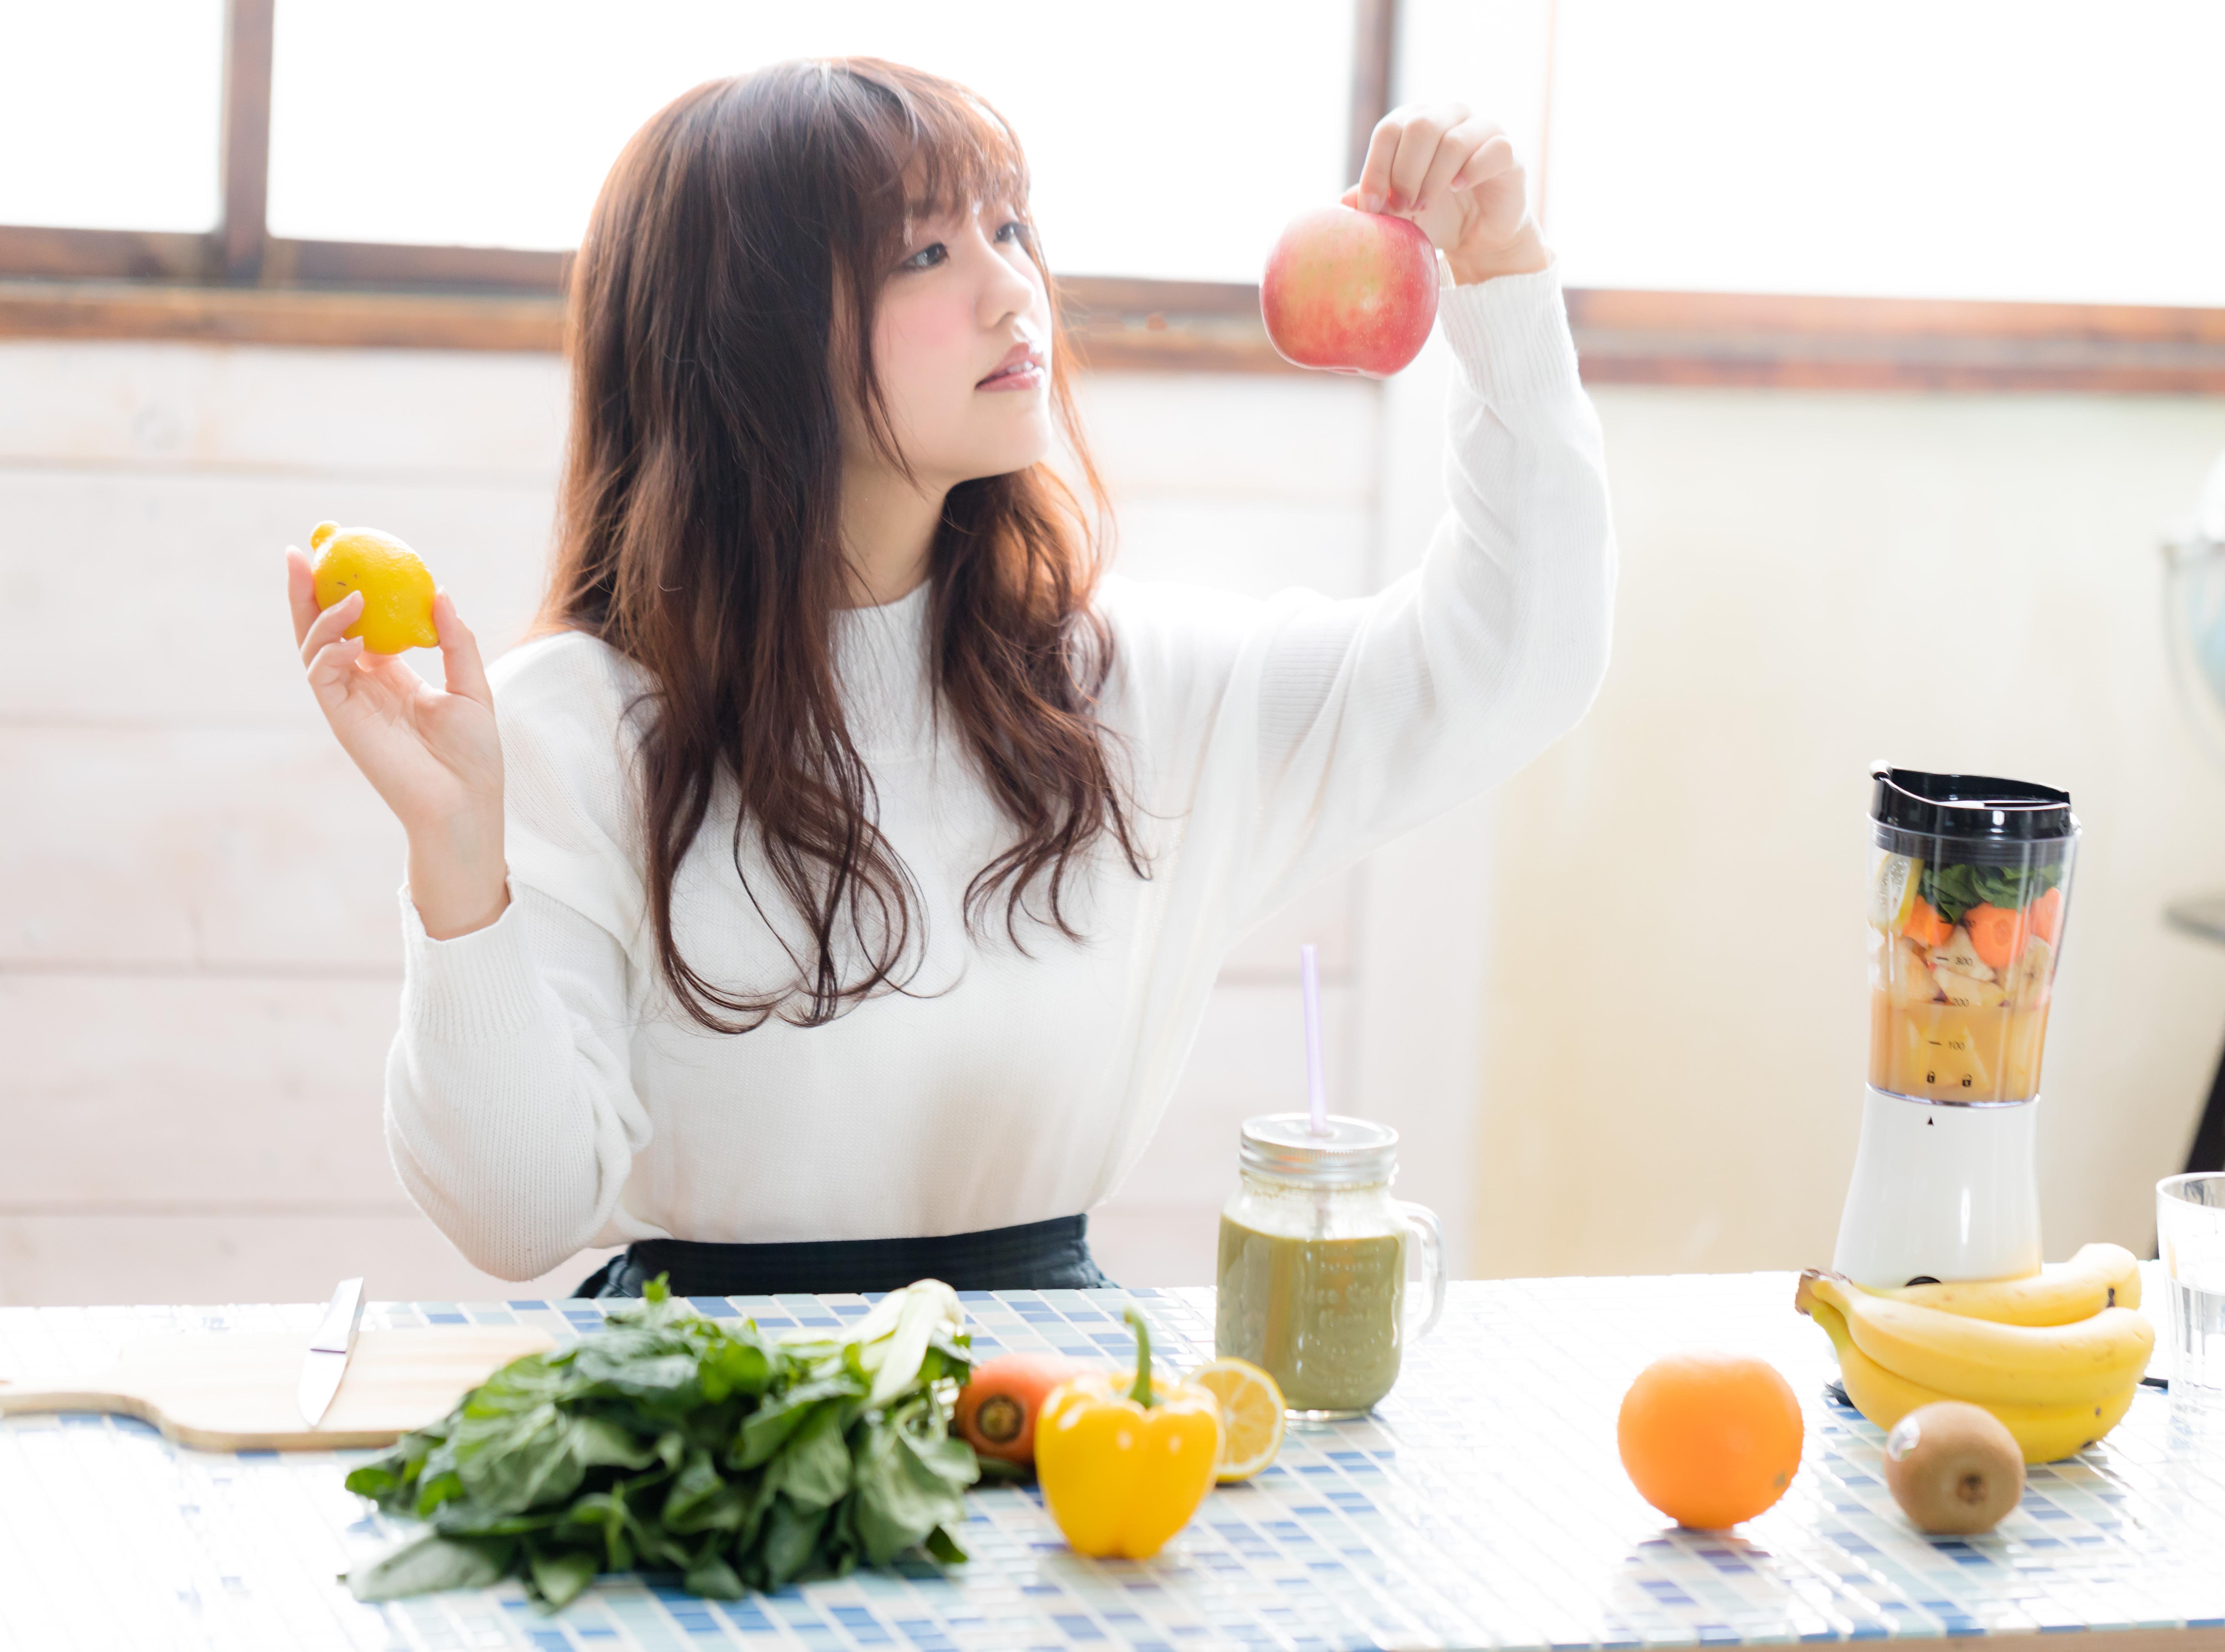 果物を選ぶ女性